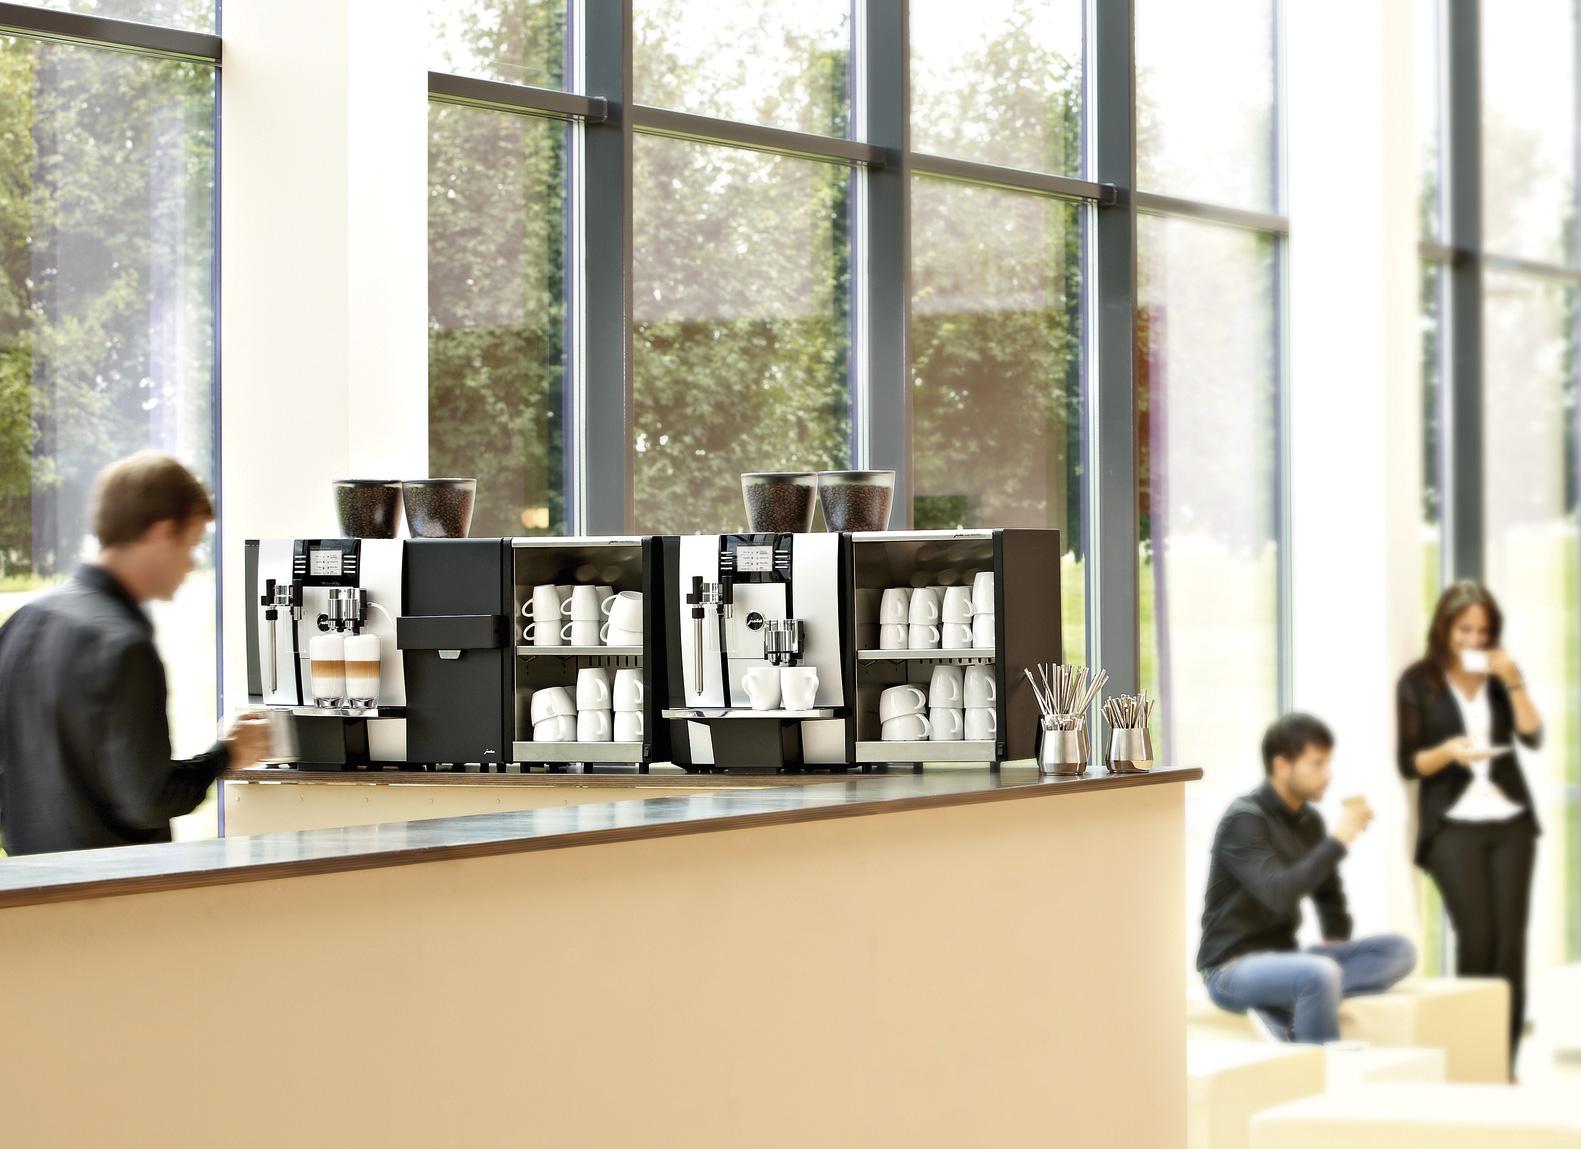 ambiente cafetero